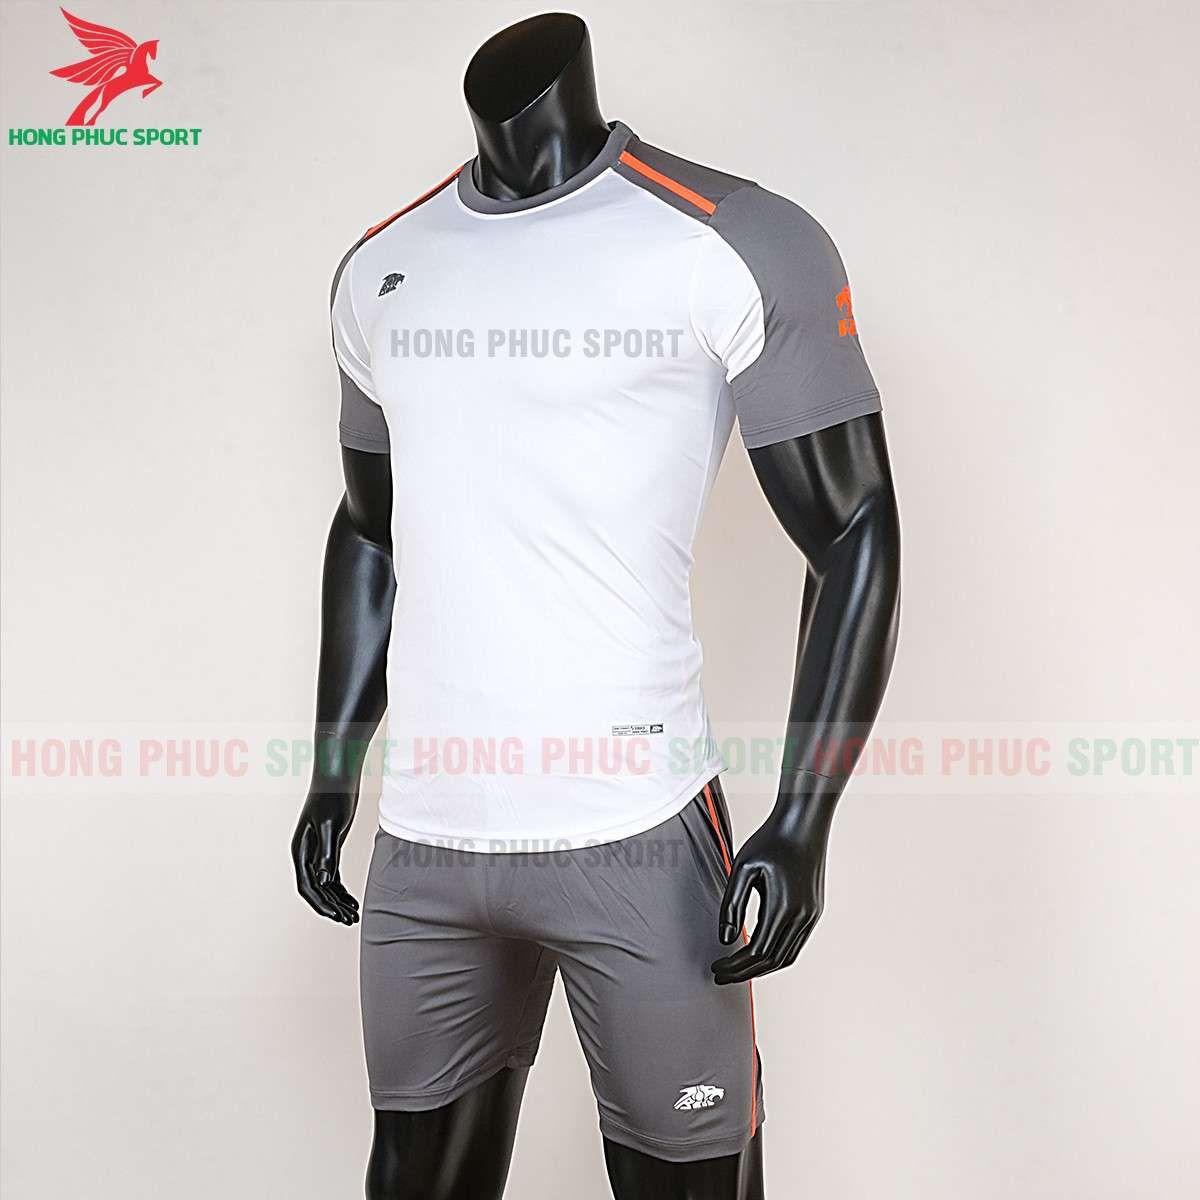 https://cdn.hongphucsport.com/unsafe/cdn.hongphucsport.com/dothethao.net.vn/wp-content/uploads/2020/02/ao-bong-da-khong-logo-riki-shaman-trang-3.jpg